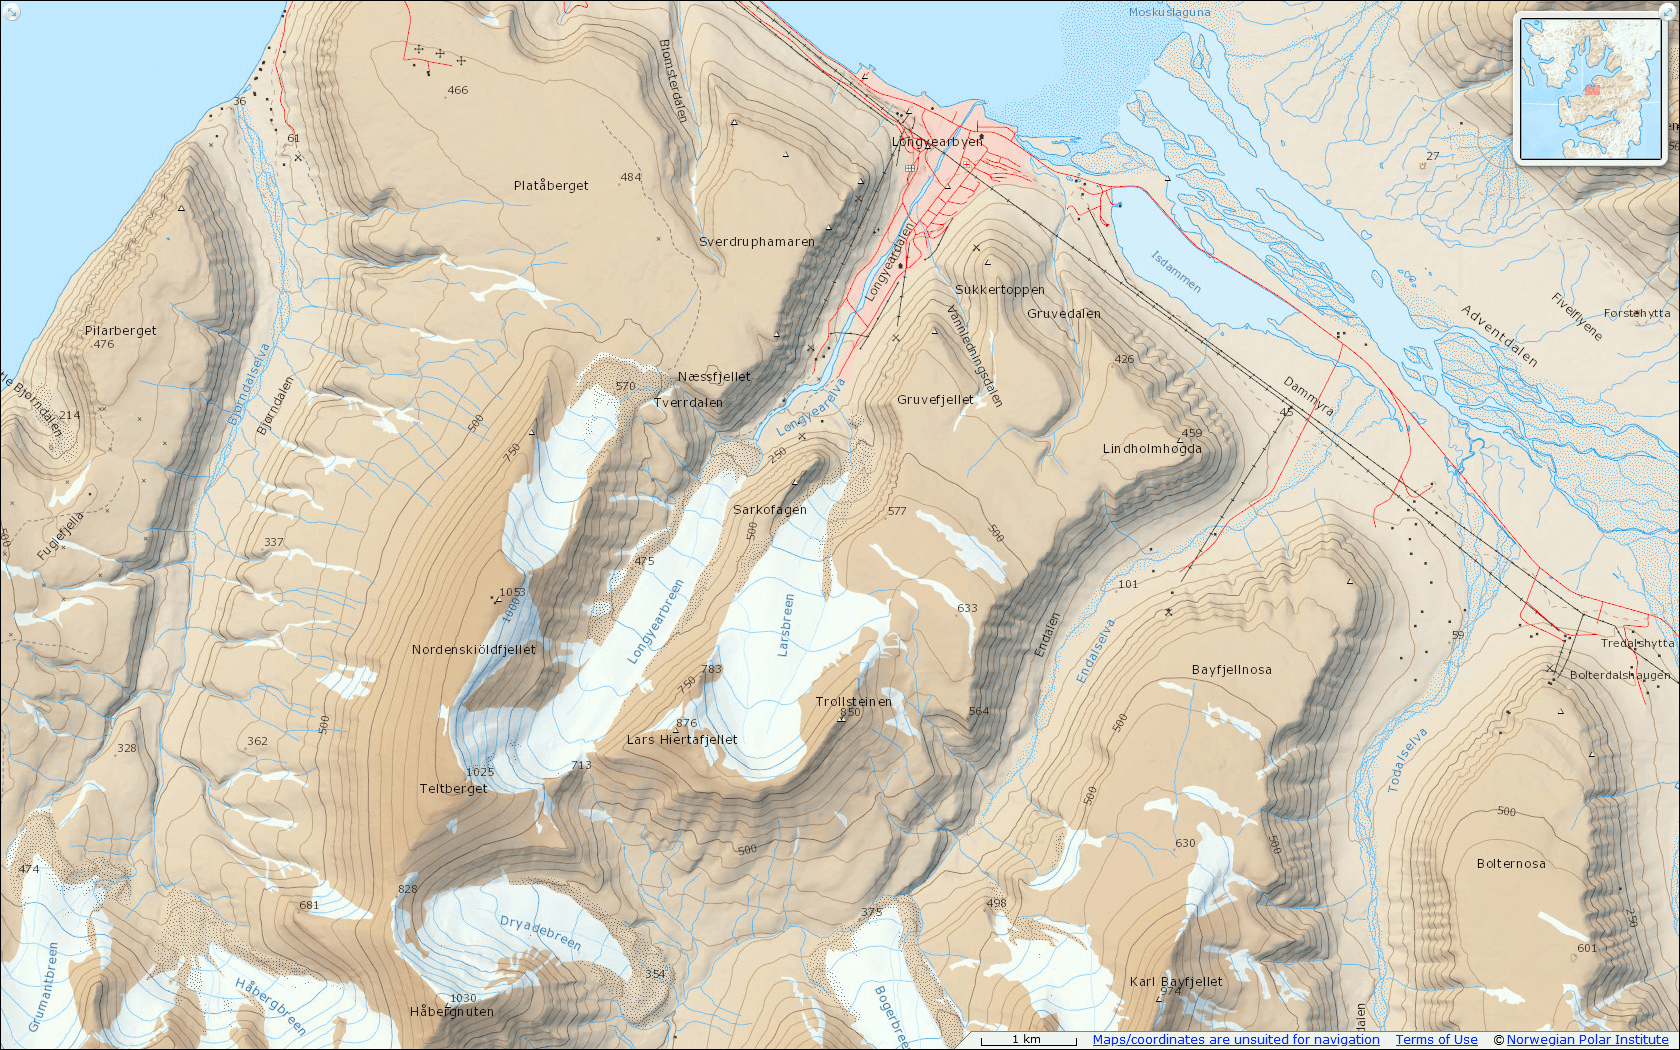 Zrzut okolicy Longyerbyen z serwisu: www.toposvalbard.npolar.no